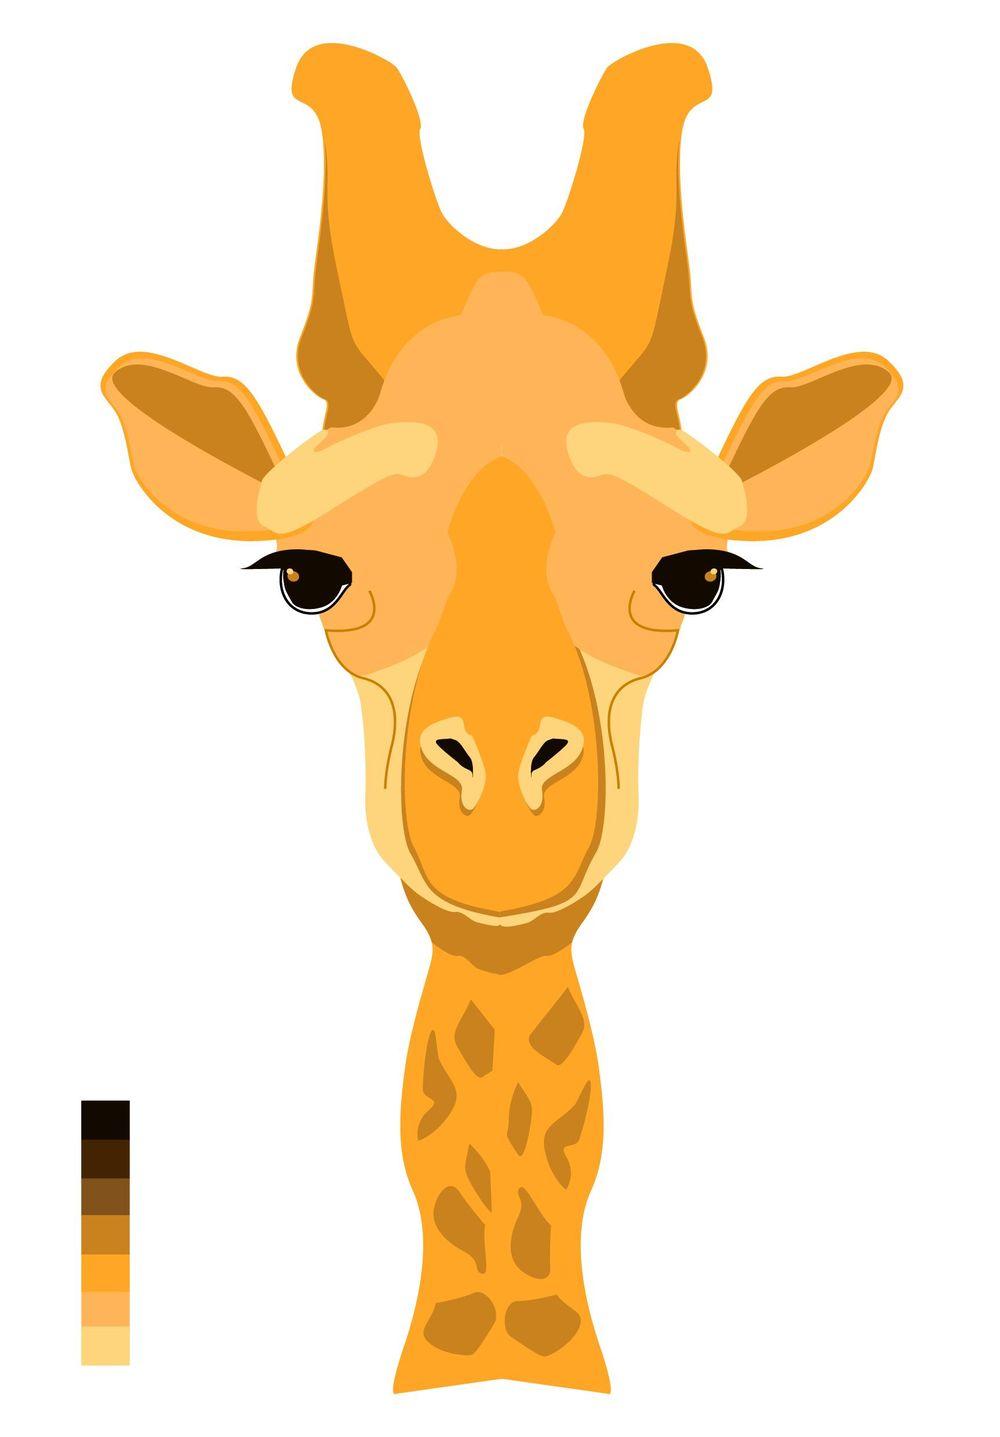 Girafa - image 1 - student project